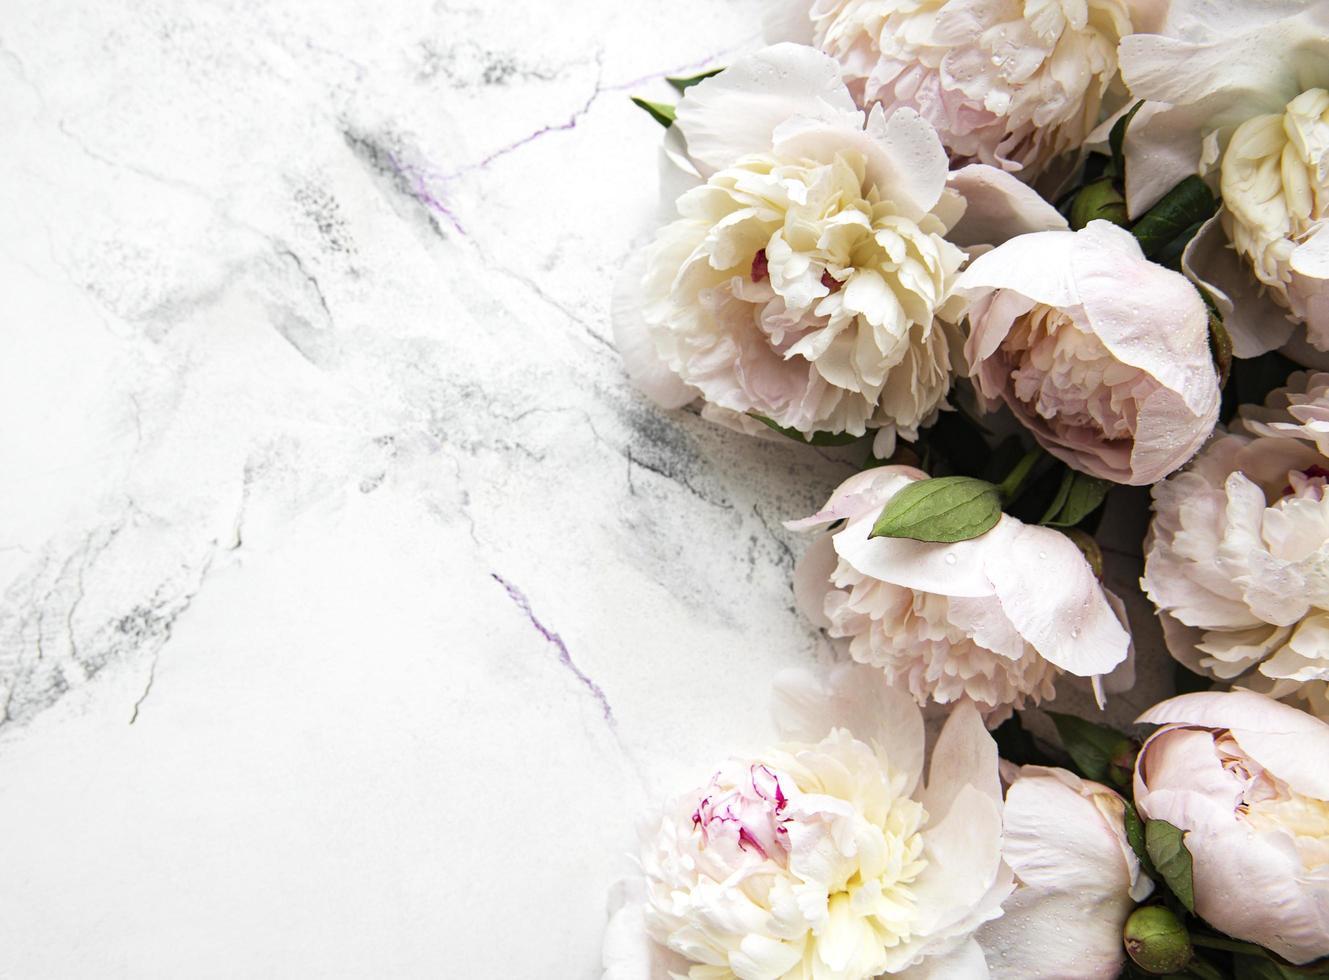 flores de peonía sobre un fondo de mármol foto